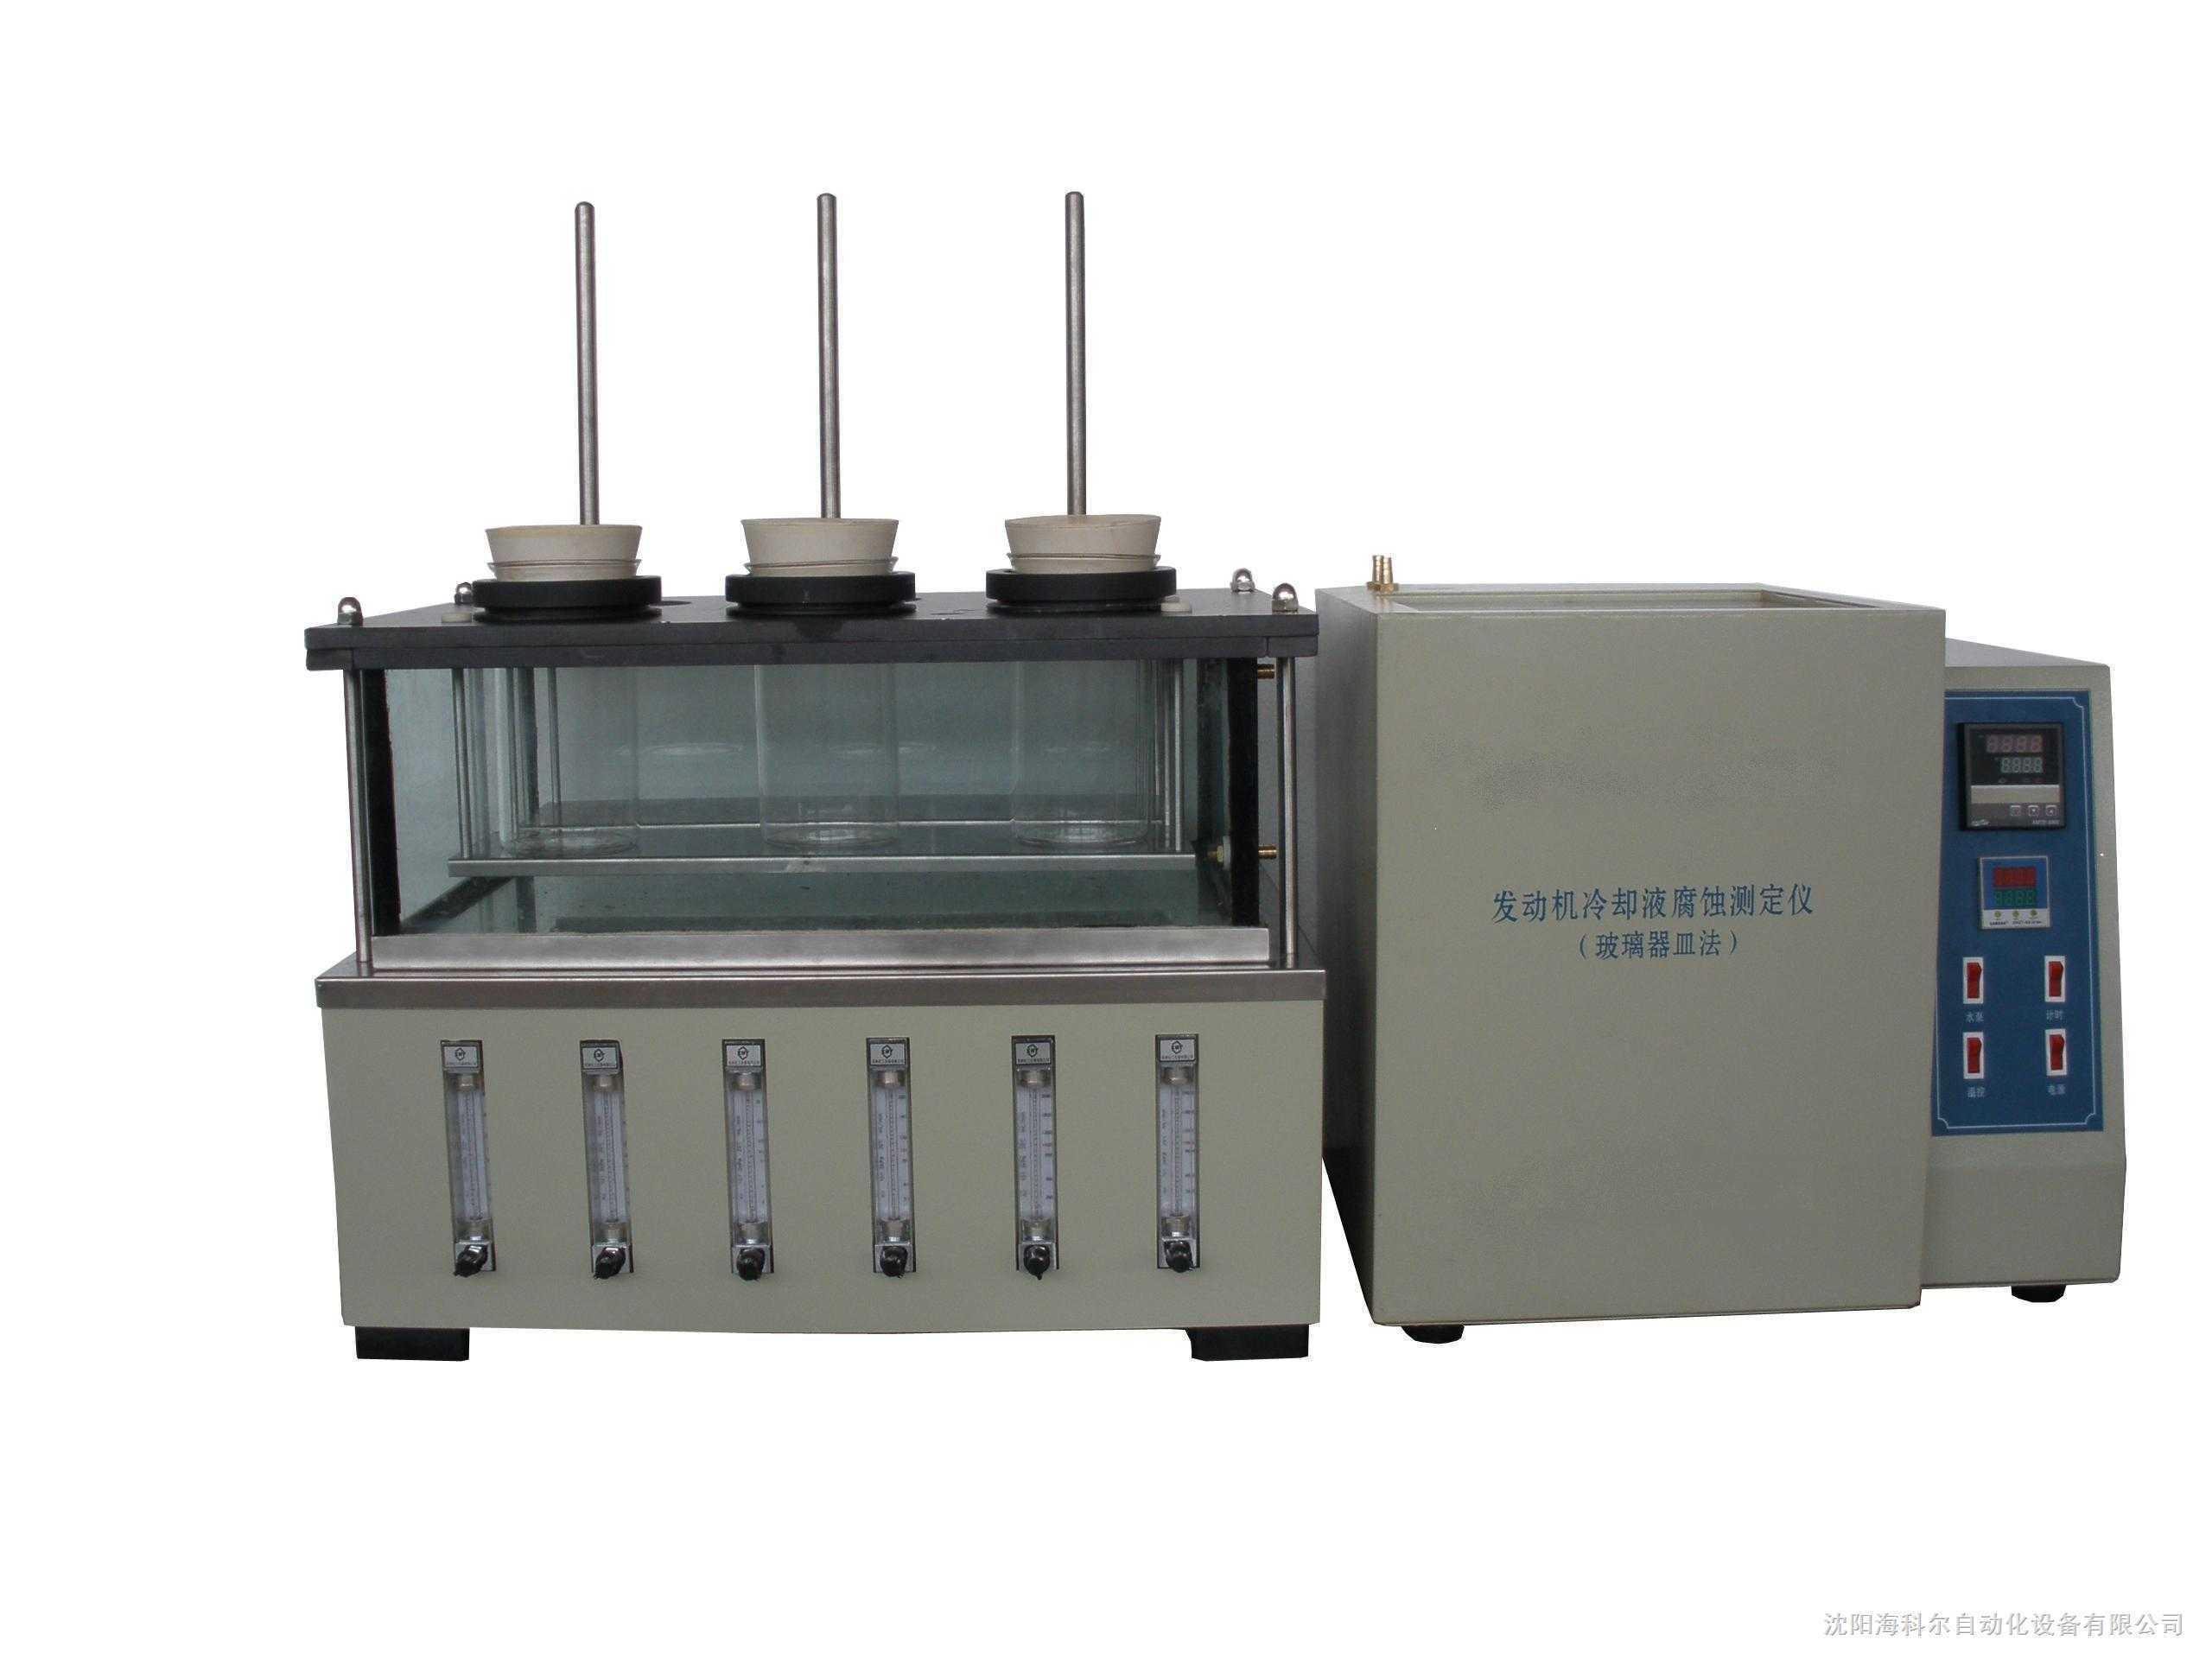 发动机冷却液腐蚀测定仪_发动机冷却液腐蚀测定仪_供应信息_中国化工仪器网